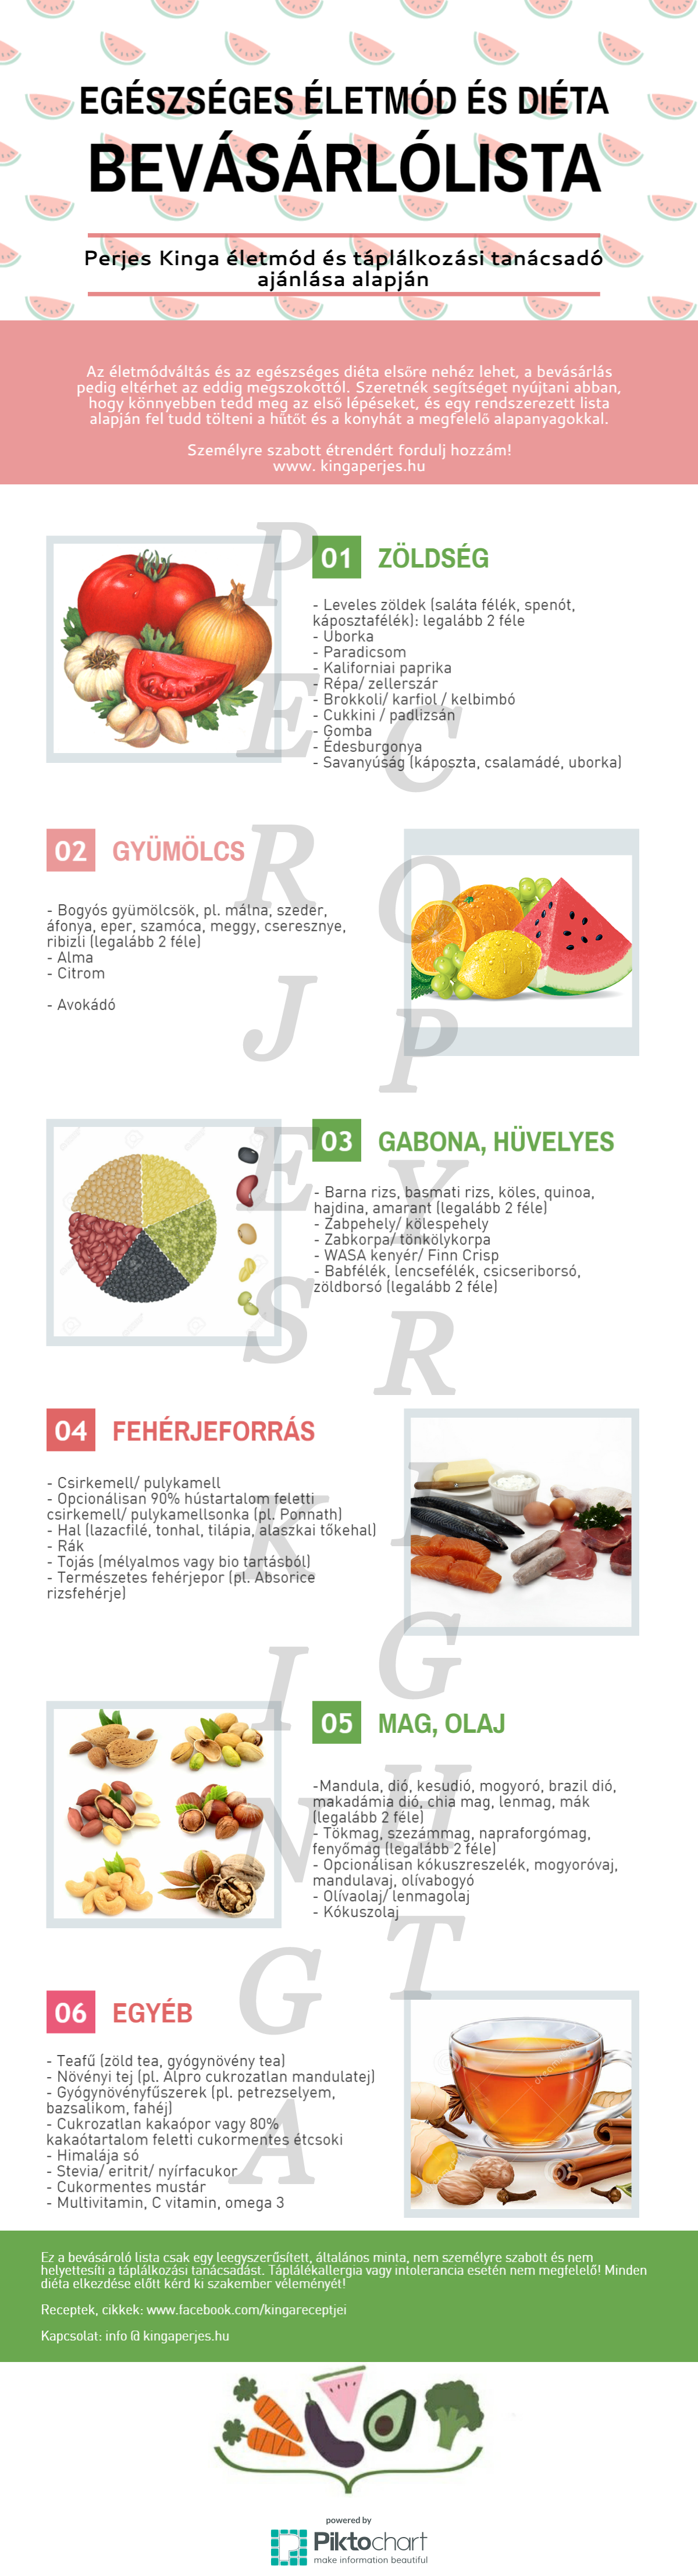 Bevásárló lista az egészséges életmódhoz és fogyáshoz!